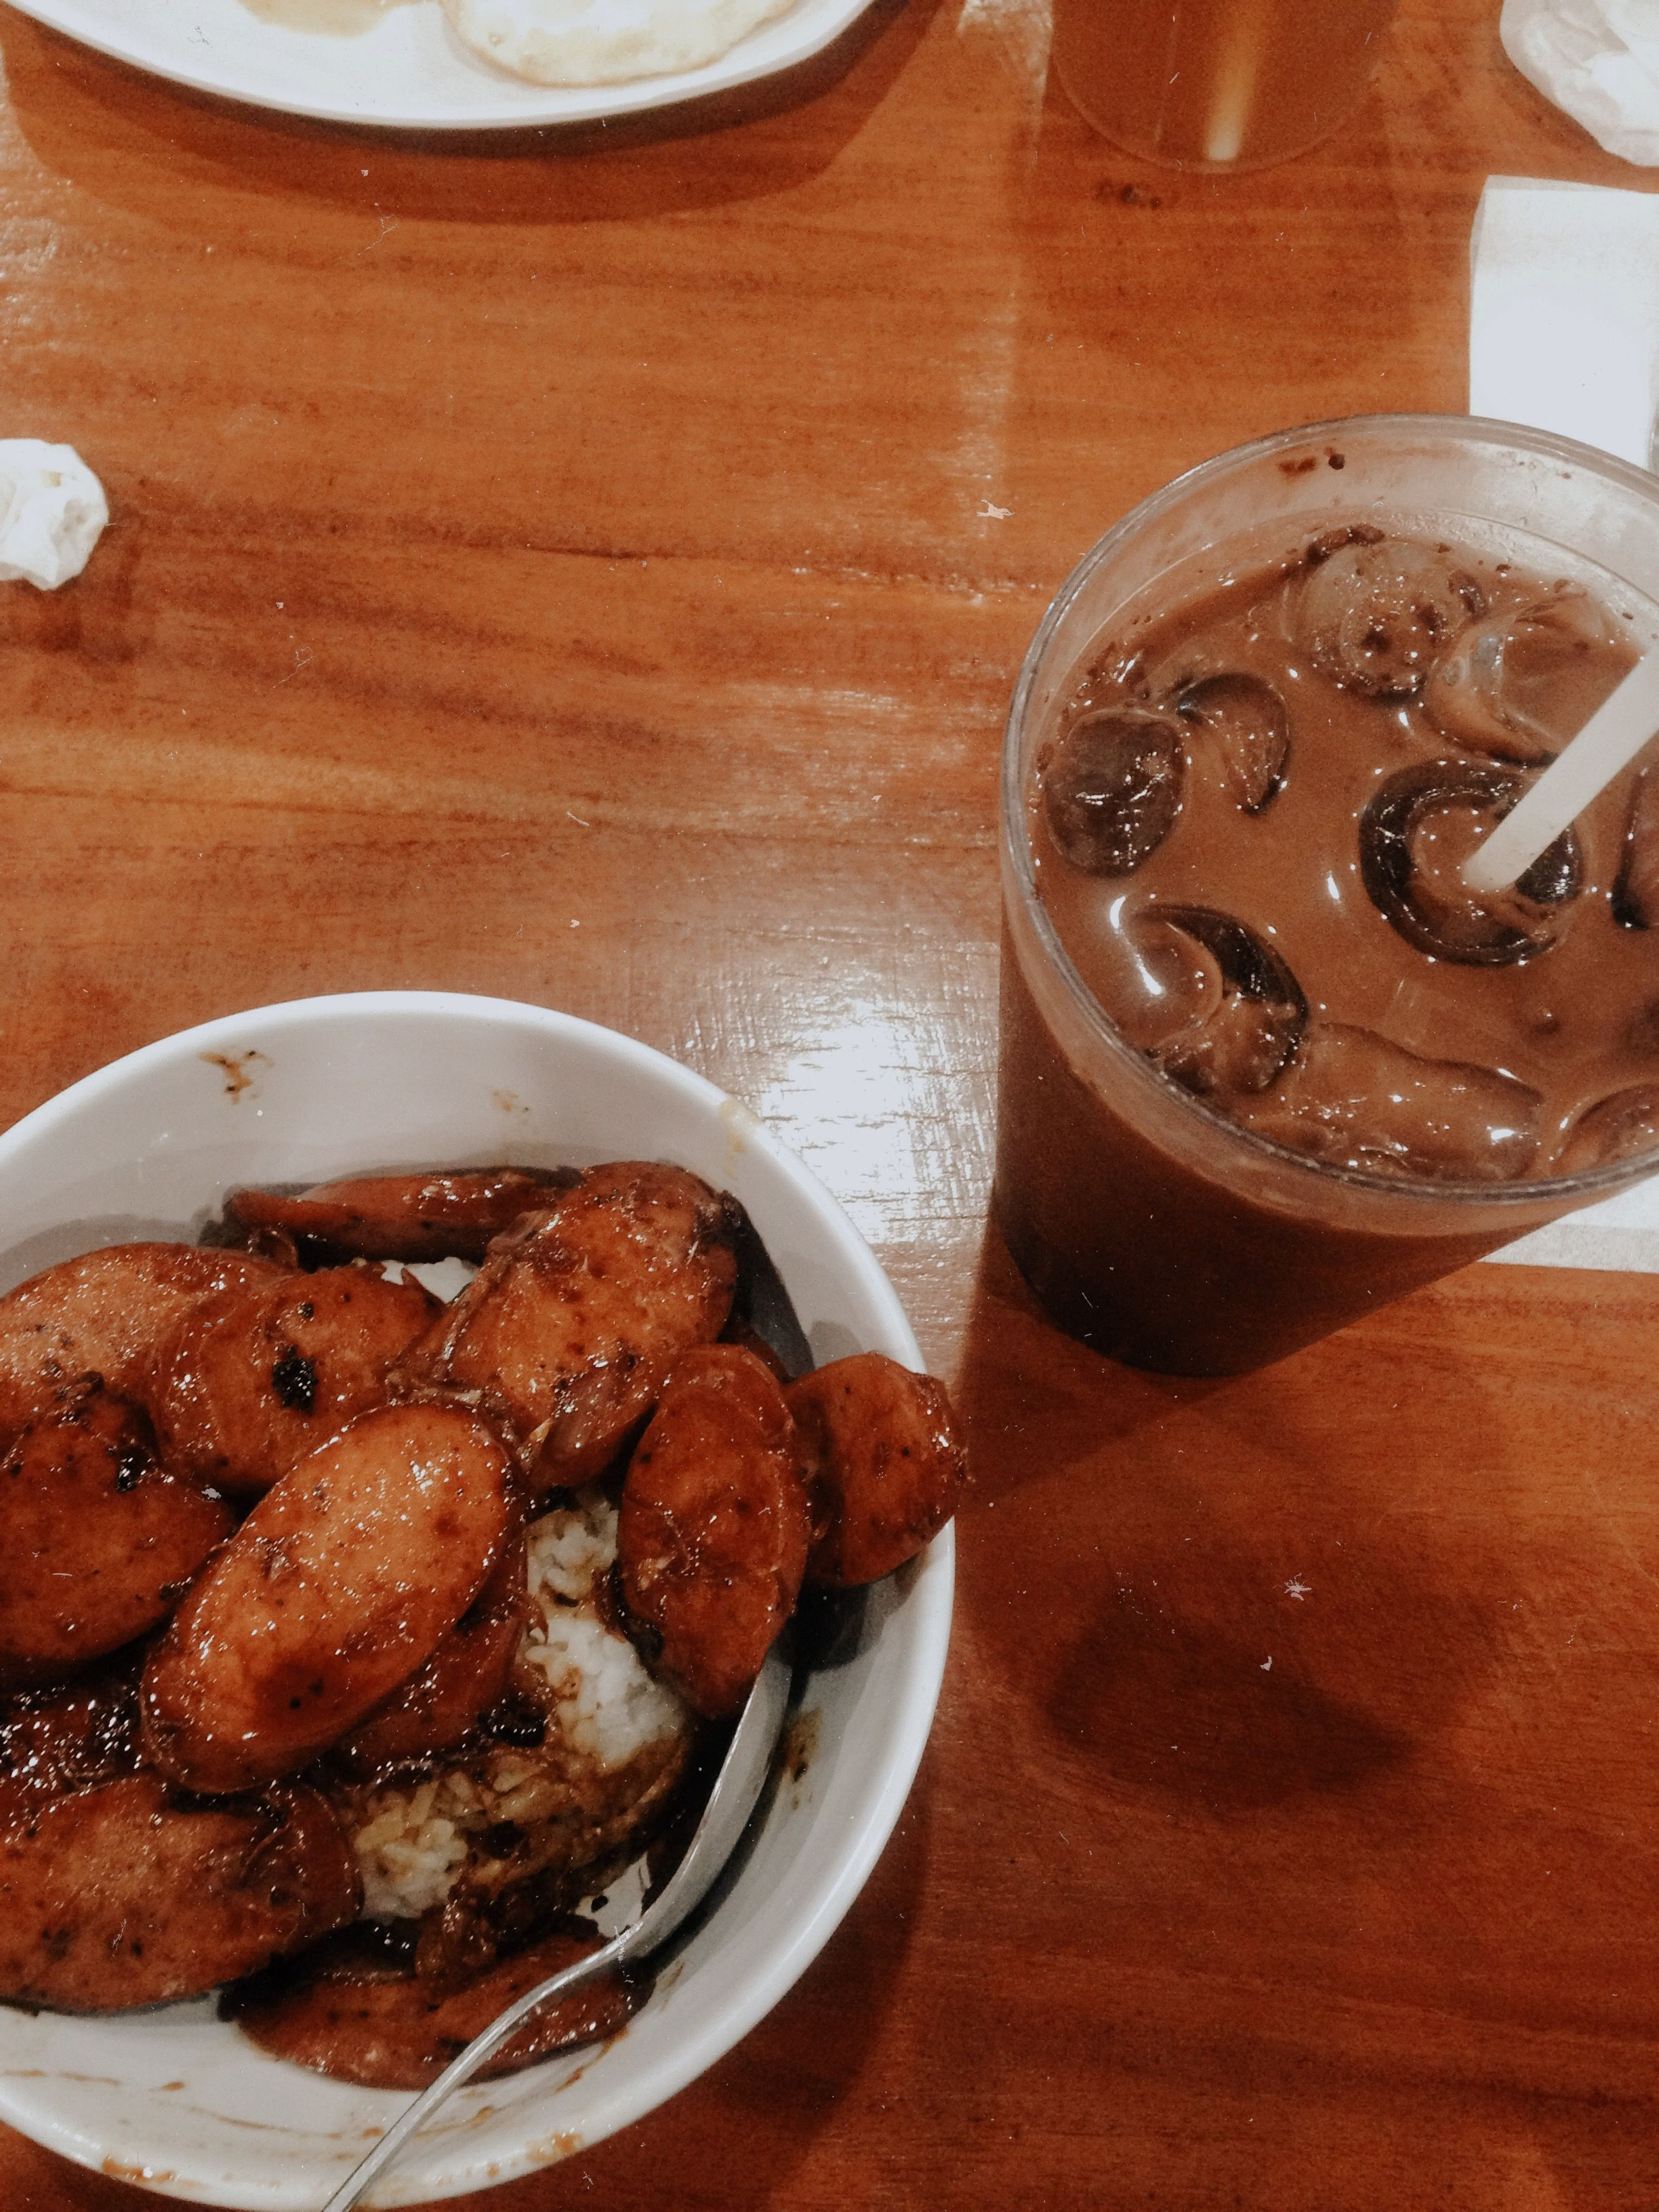 Makan Malam Yg Menggoda Saat Diet Thank To You Udah Gagalin Diet Owe